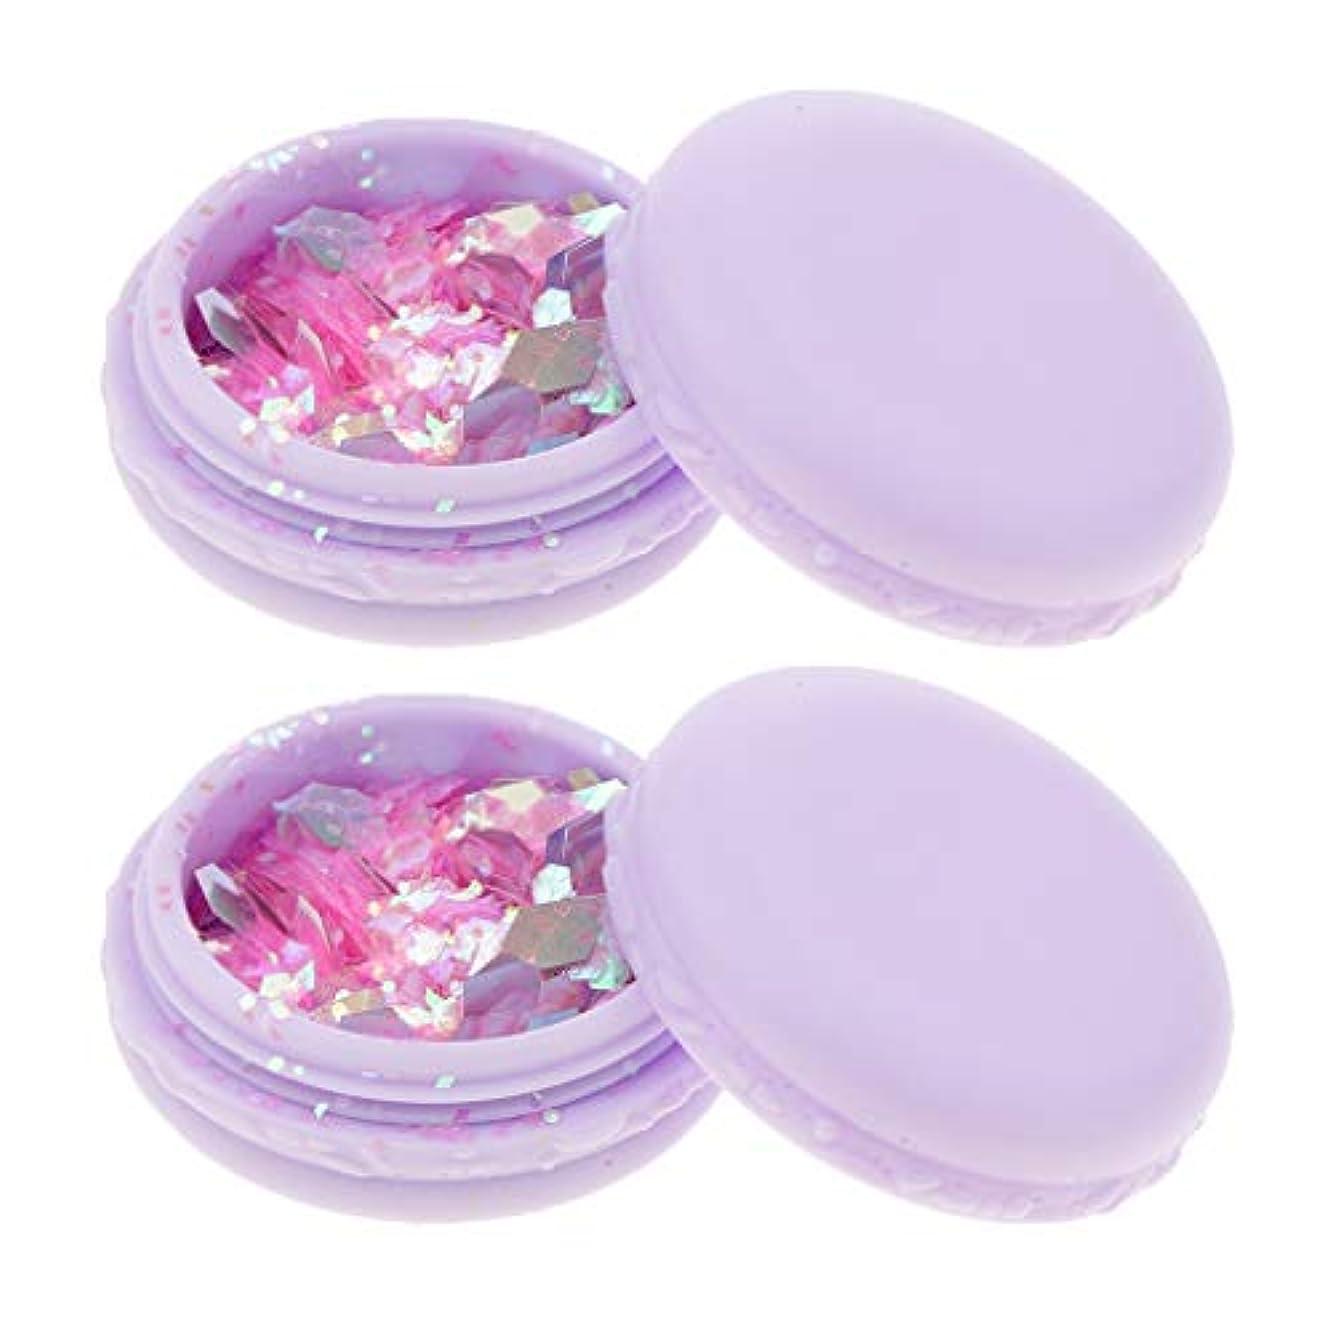 ドア来てストリップDYNWAVE 2ピースチャンキー化粧品キラキラ目唇ボディヘアーフェイスネイルフェスティバルメイク - ピンク